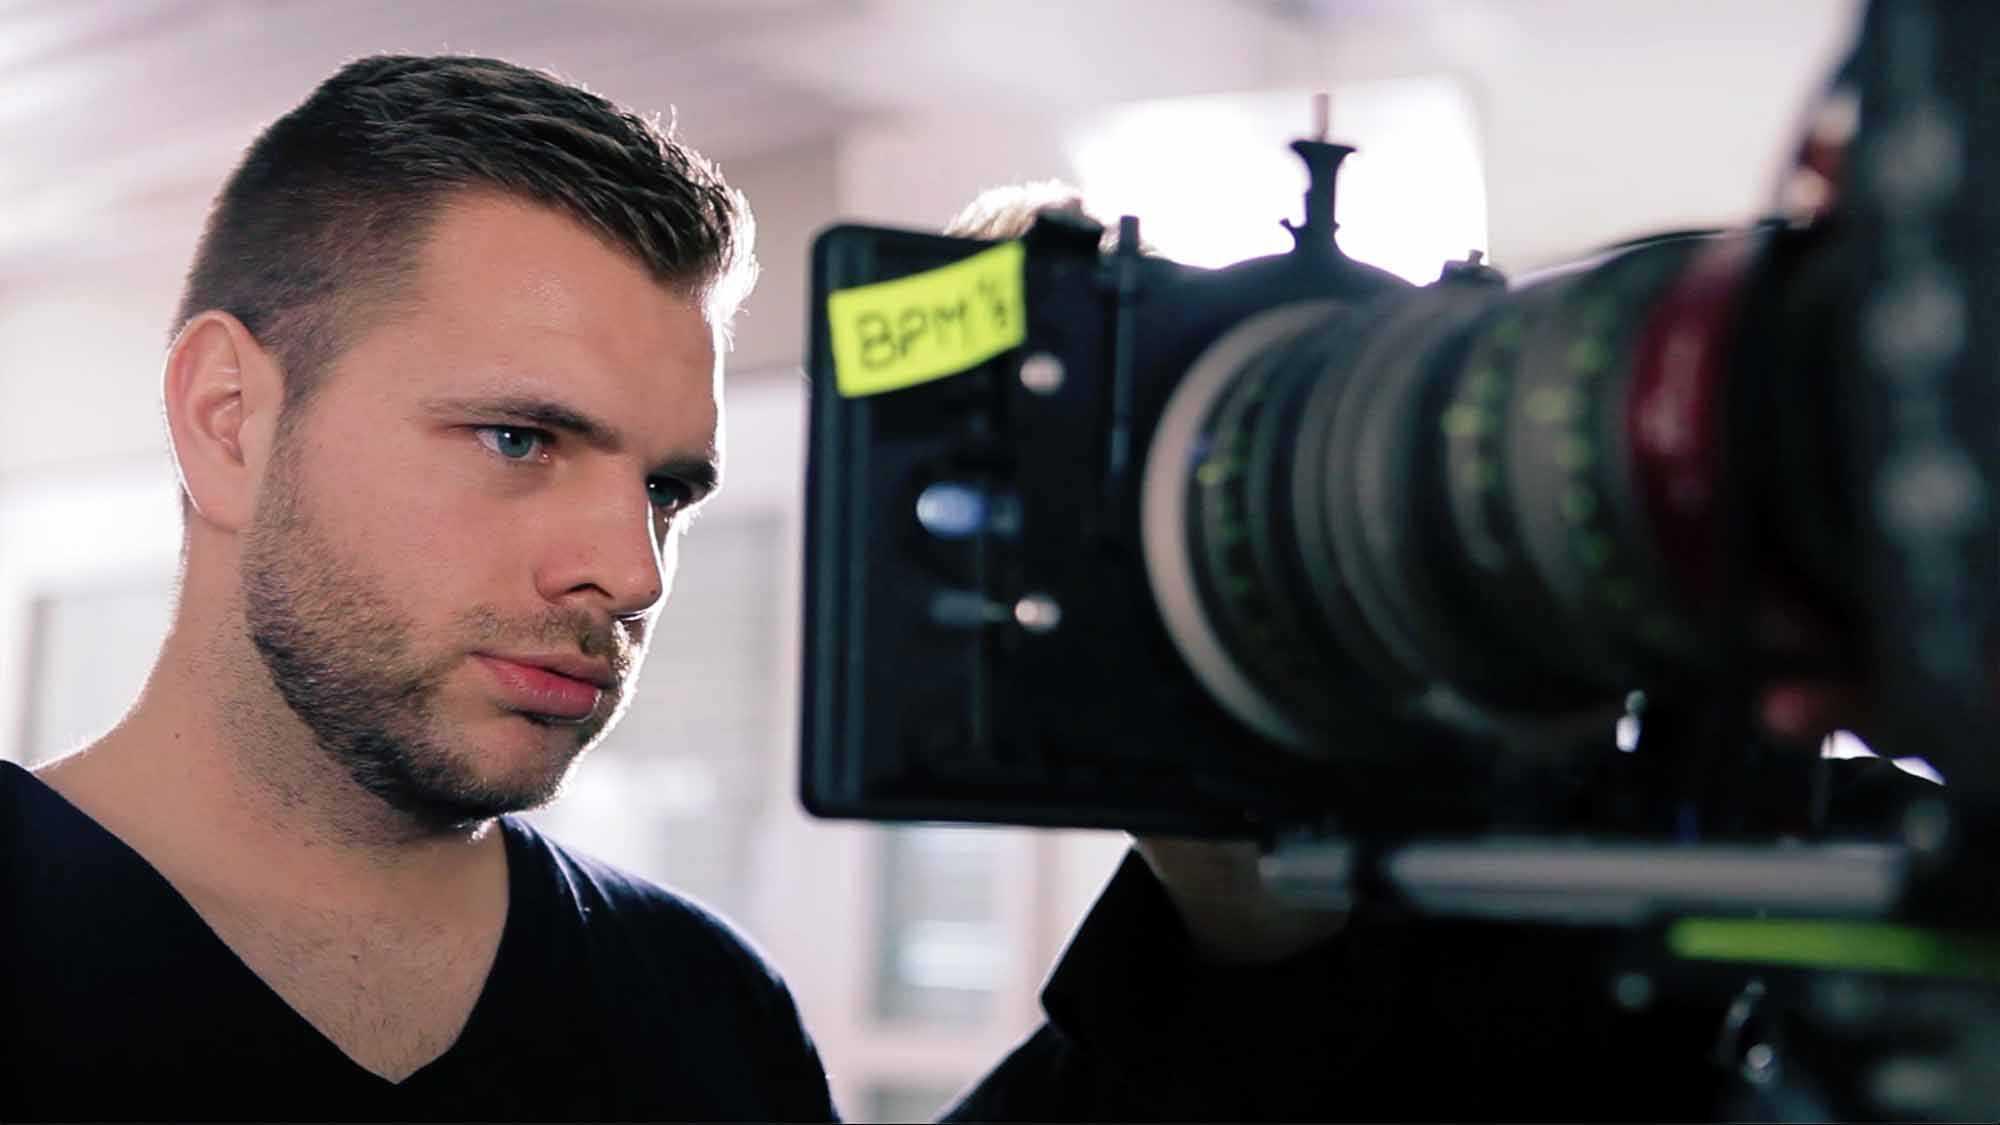 Das Bild zeigt einen Mann der in einen Bildschirm schaut. Der Bildschirm ist mit einer Kamera verbunden. Hinter dem Monitor klebt ein gelber Zettel. Das Bild dient als Sliderbild für den Portfolioeintrag Yourfone - DRTV Spot von Panda Pictures.